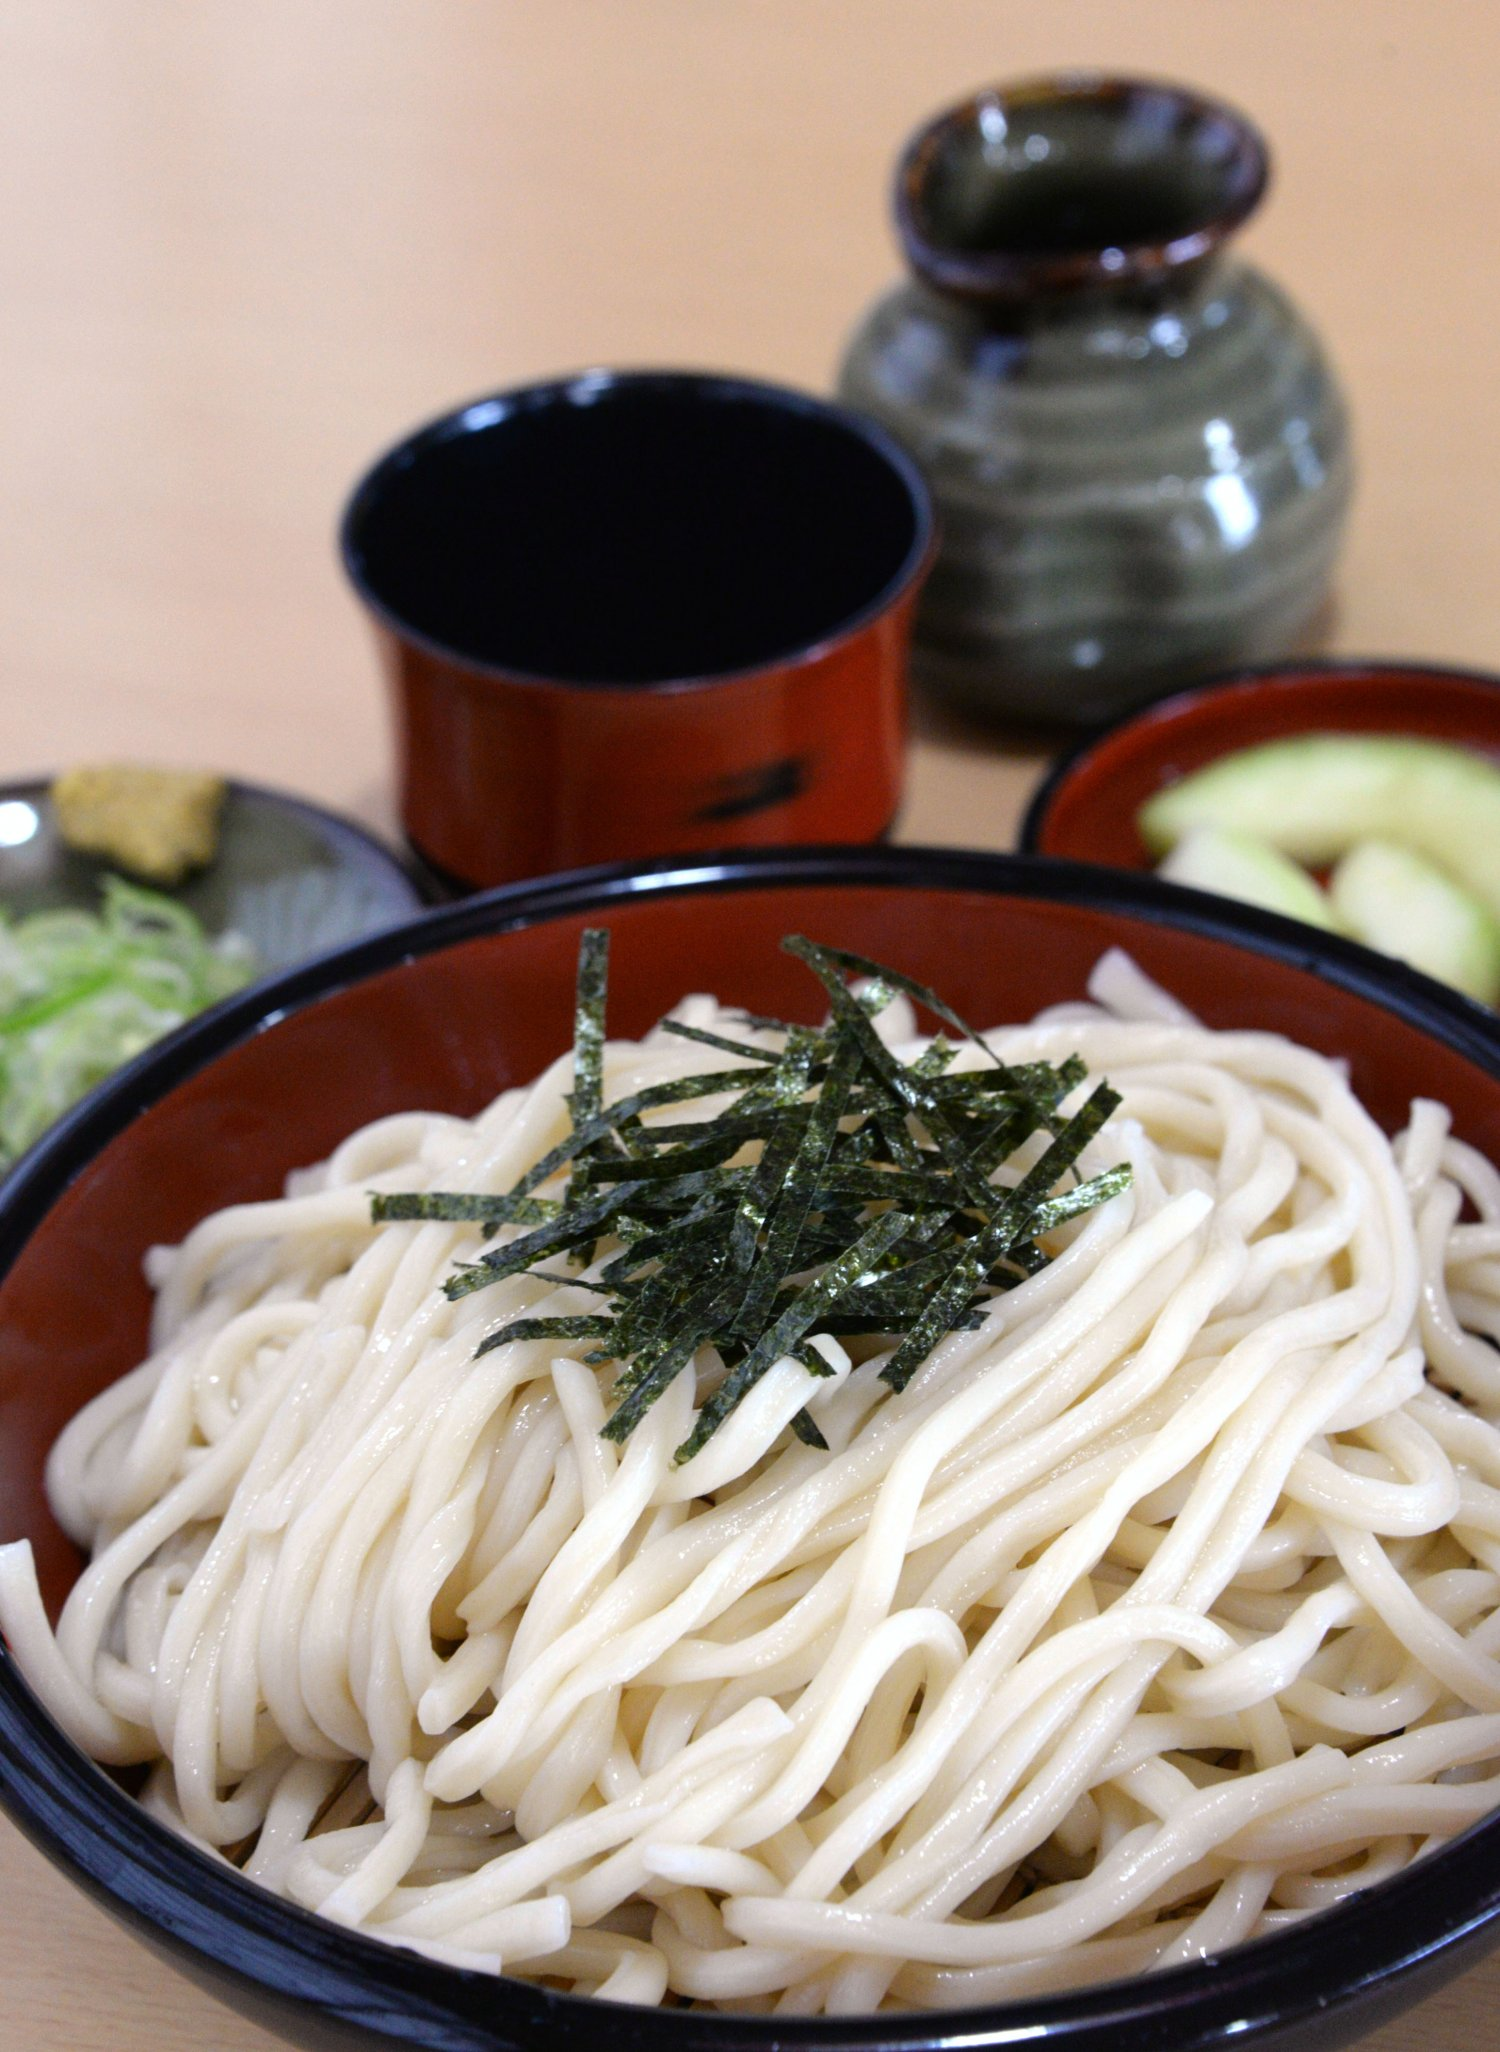 ざる麦切り690円。初夏の漬物はメロン子(摘果メロン)だった。